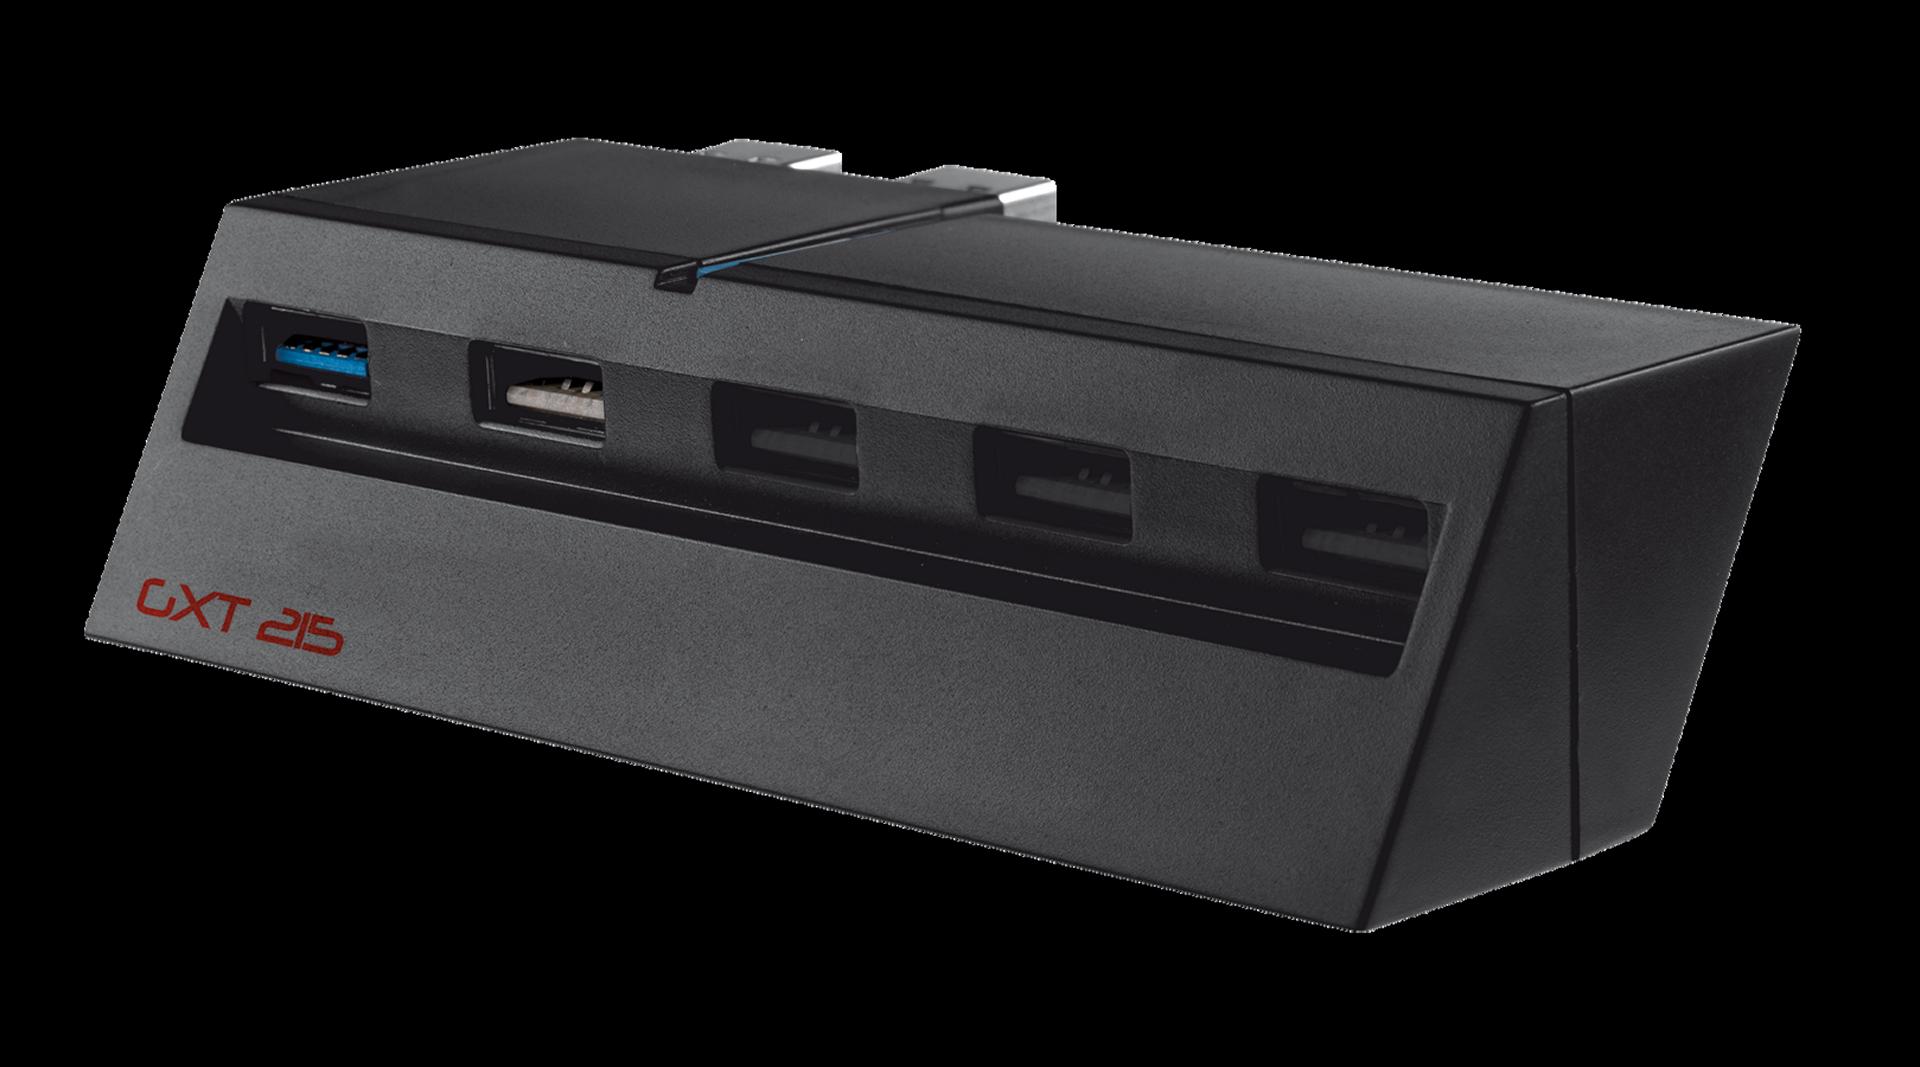 TRUST USB hub pro PS4 GXT 215